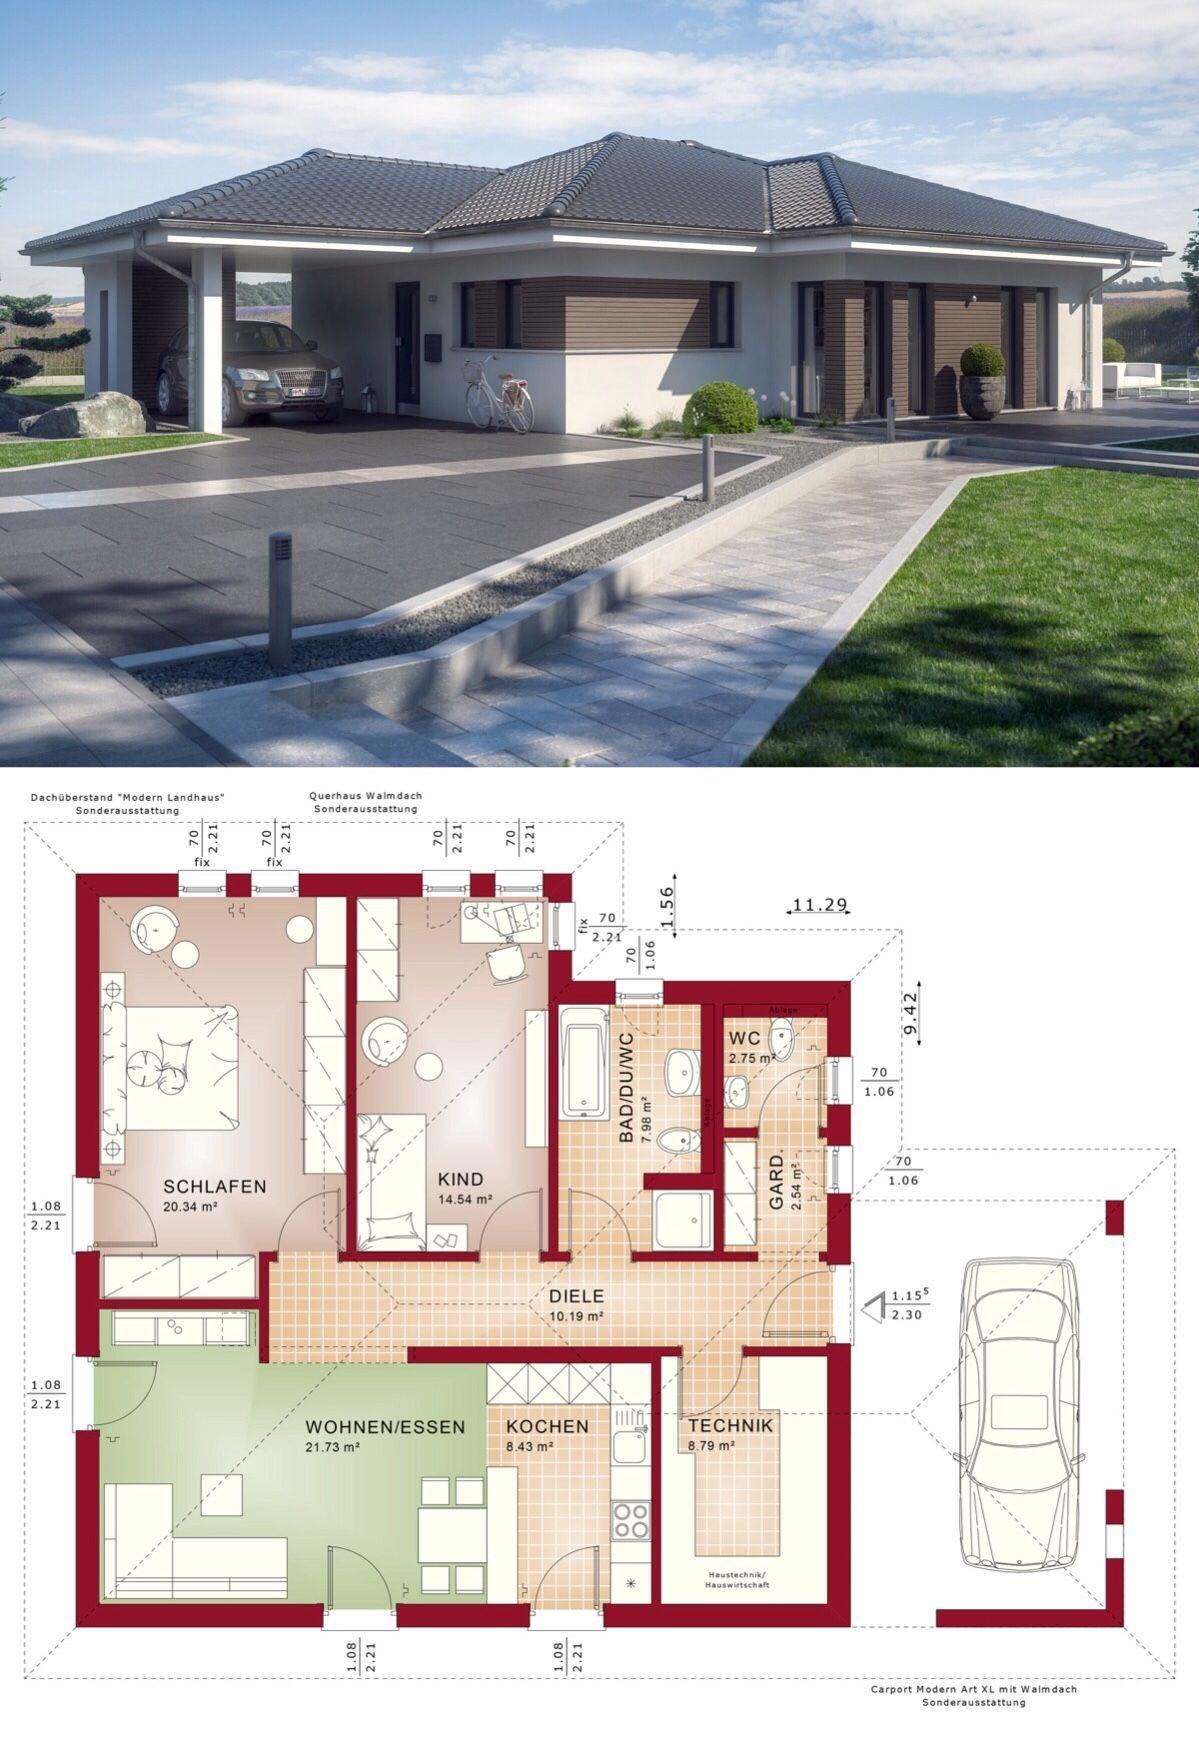 Bungalow Haus Grundriss Ebenerdig Mit Walmdach Architektur Carport Integriert 3 Zimmer 96 Qm Kuche Offen Fertighau Fertighaus Bungalow Haus Bauplan Haus